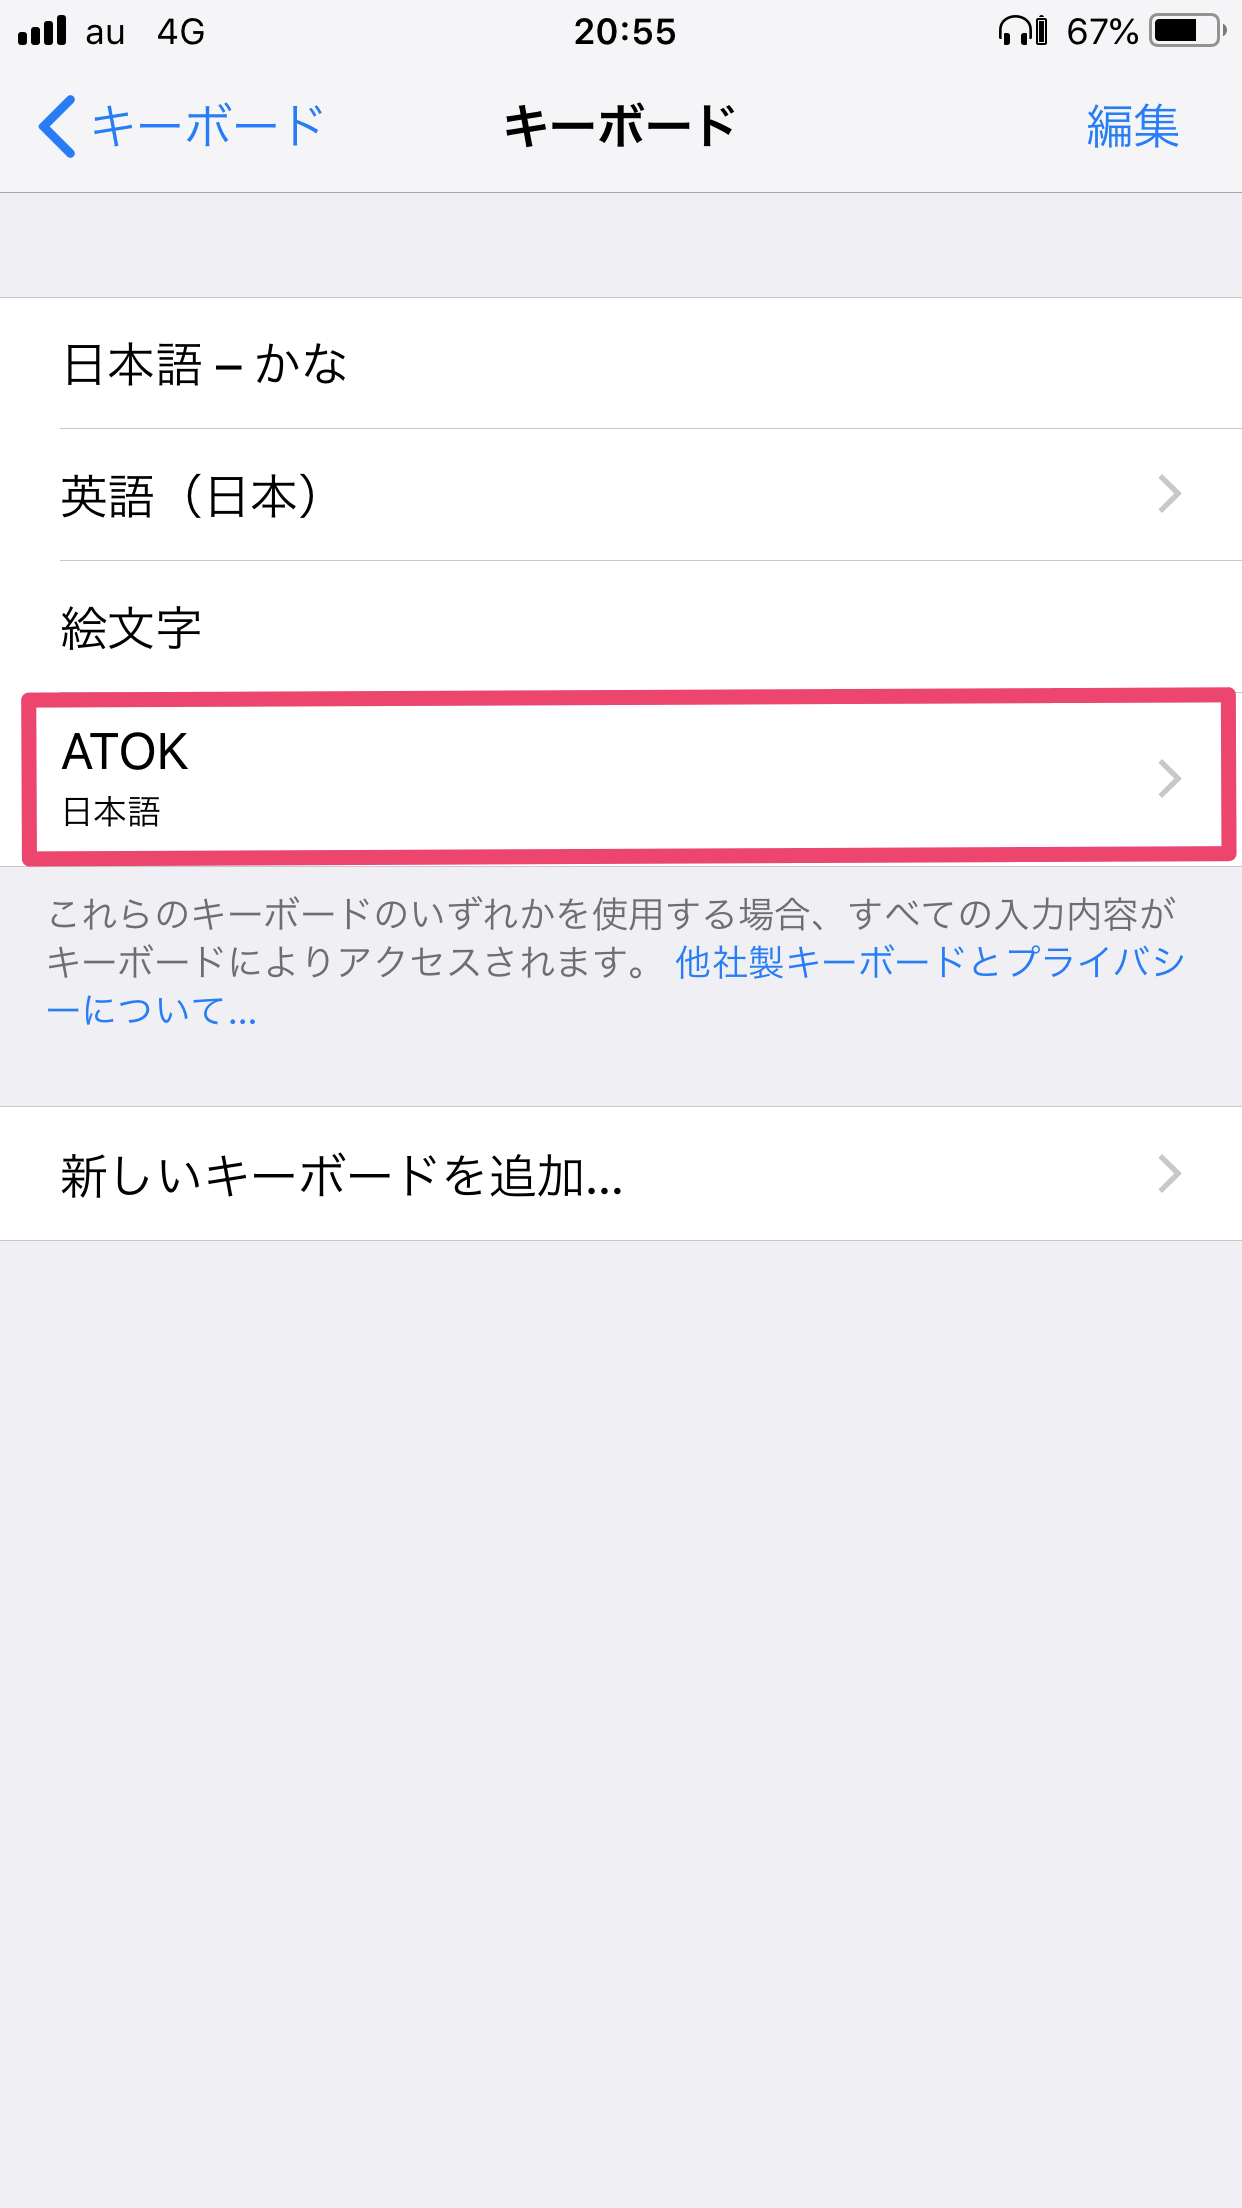 キーボード一覧に『ATOK』が追加されます。